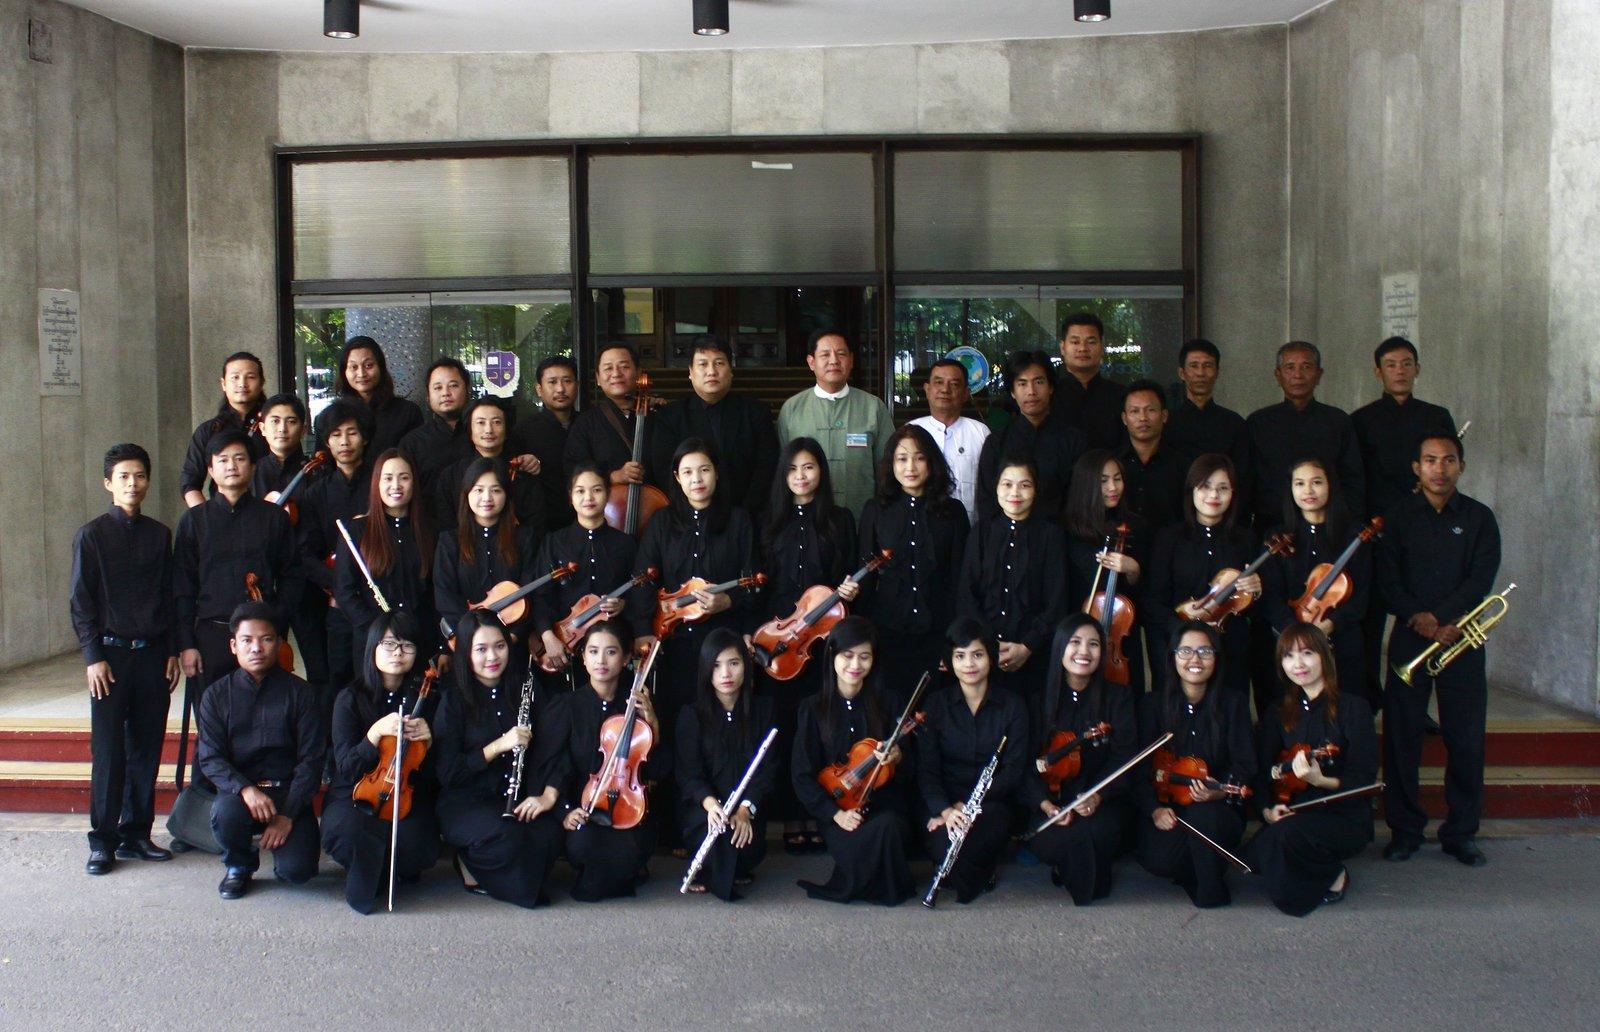 樂團成員來自不同民族,信奉不同宗教,但對音樂的喜愛,令他們走在一起。圖片來源:日本駐緬甸大使館